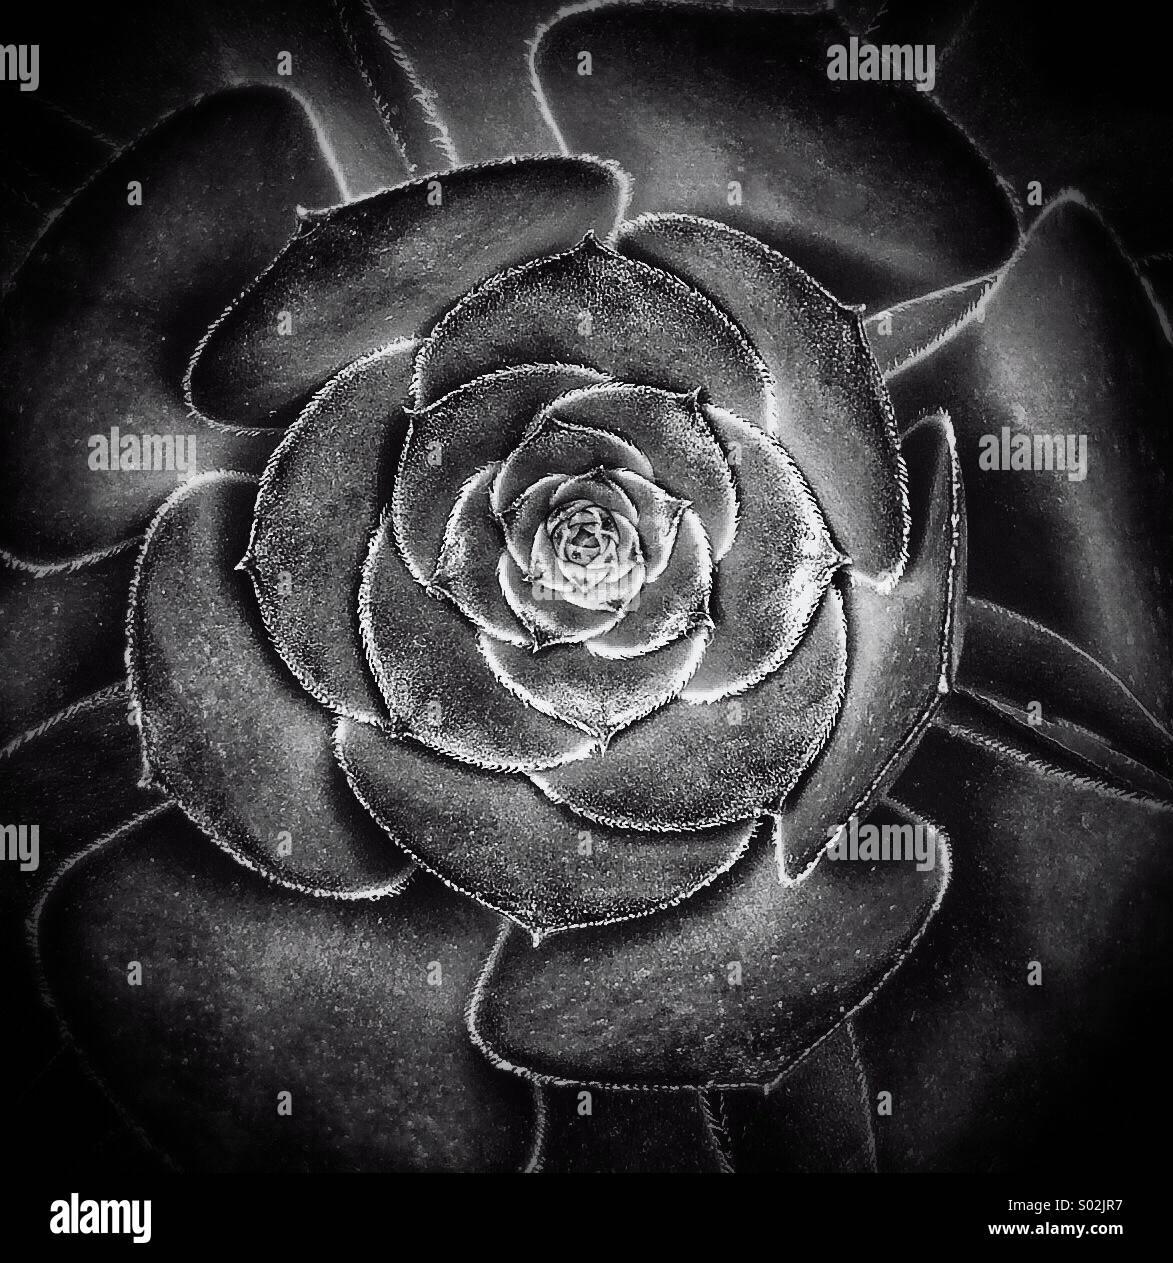 Schwarz / weiß Muster - Blume Stockbild